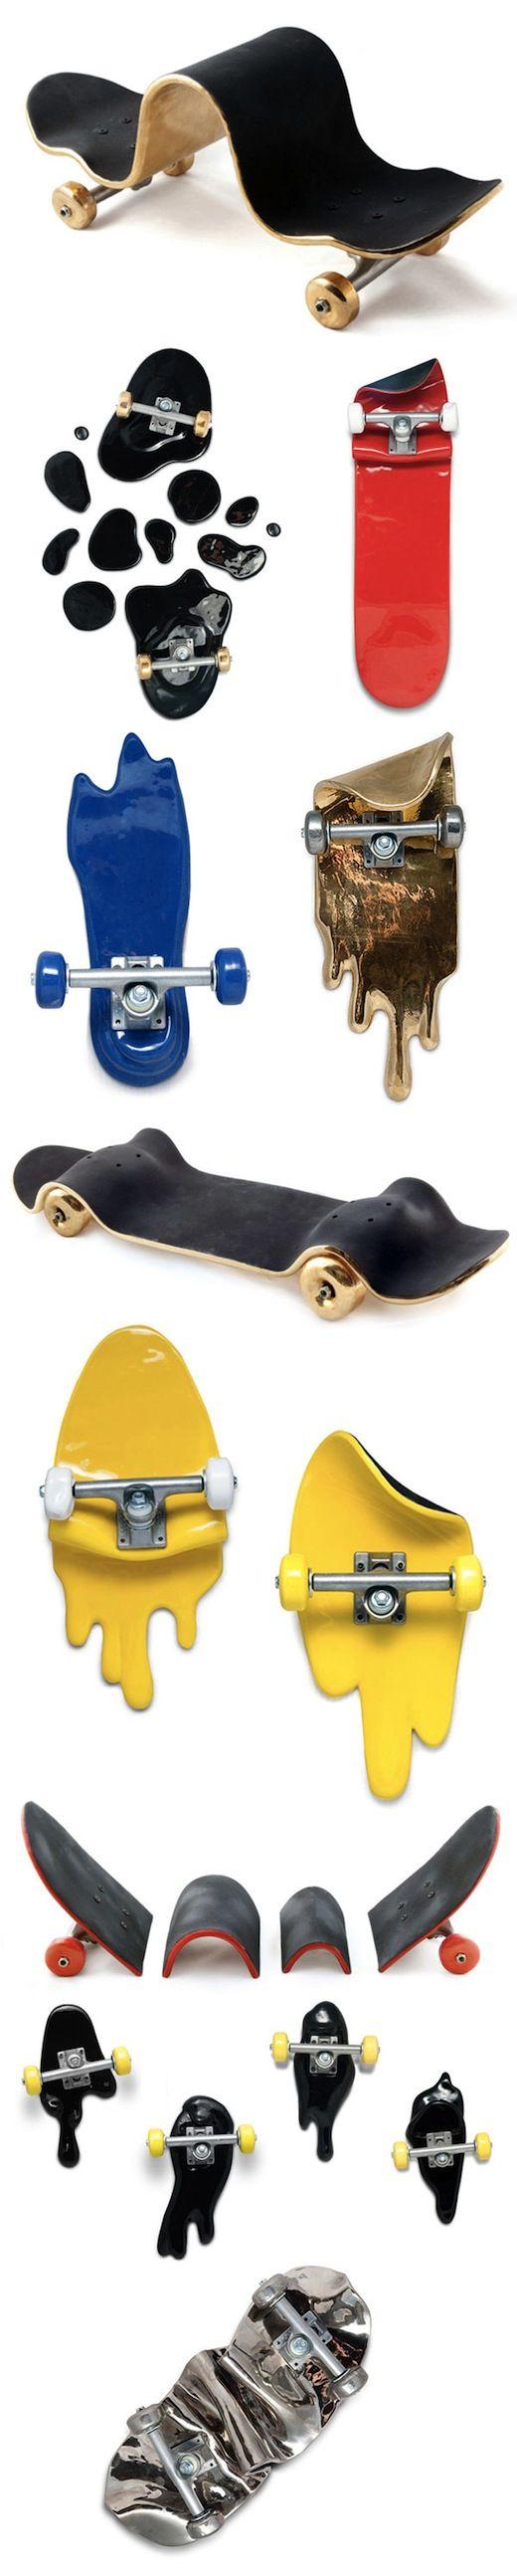 """El artista español Xavier Manosa en conjunto con el diseñador gráfico Alex Trochut se unieron para presentarnos una extraña colección de skate en cerámica llamada """"Skate Fails"""". La colección se centra a jugar con la tabla del skate produciendo resultados dignos de colgar en tu pieza o oficina."""